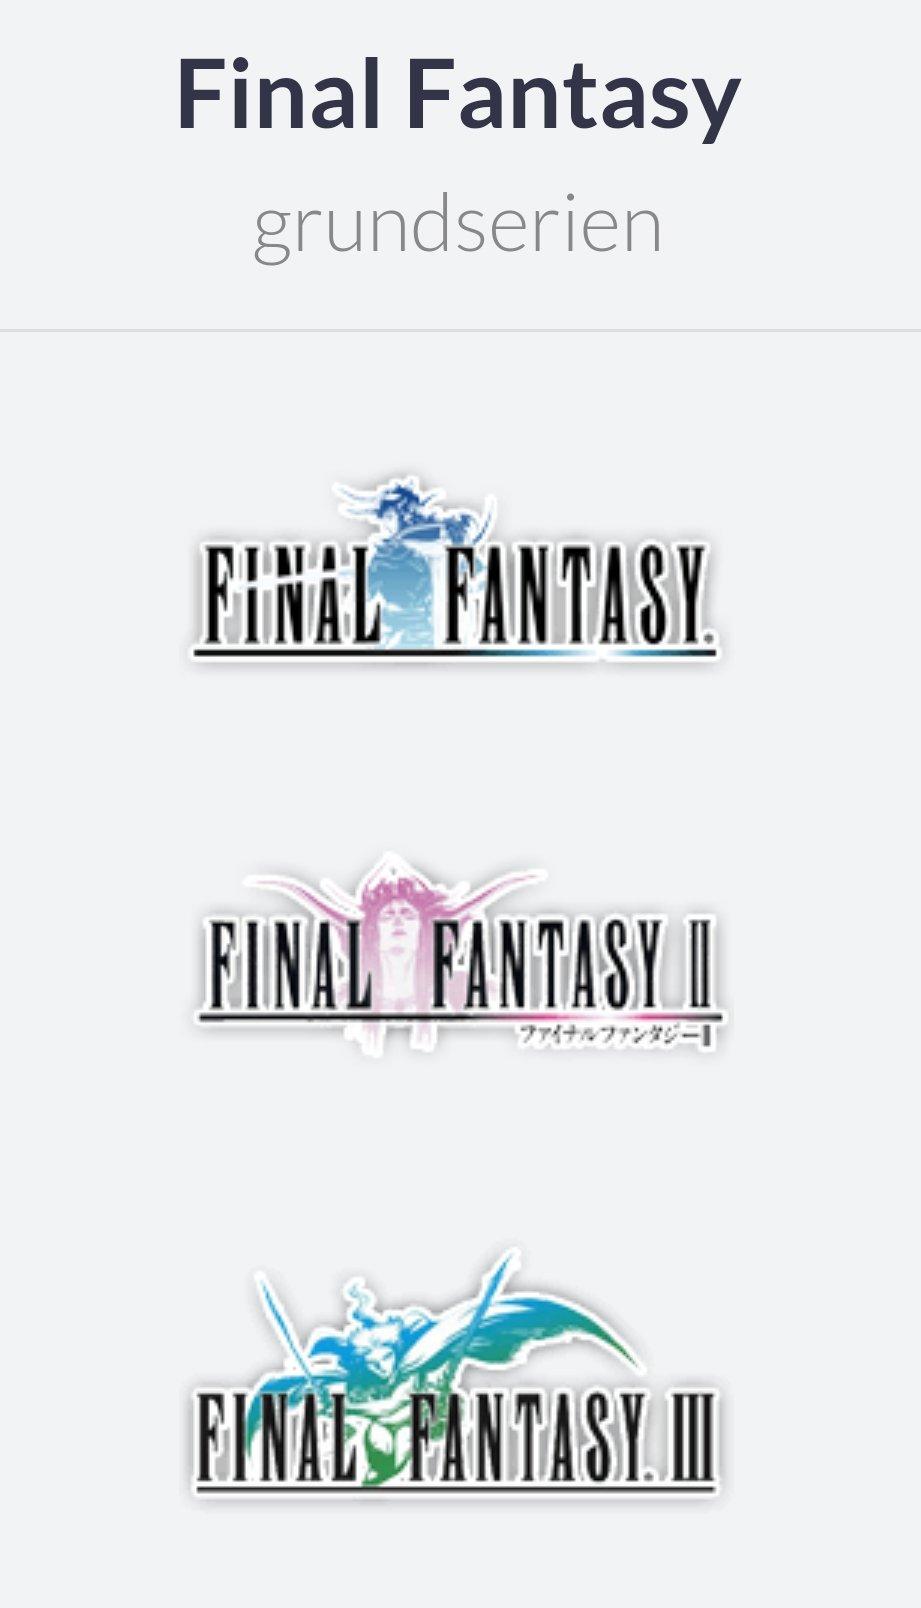 Final Fantasy logoer på rad